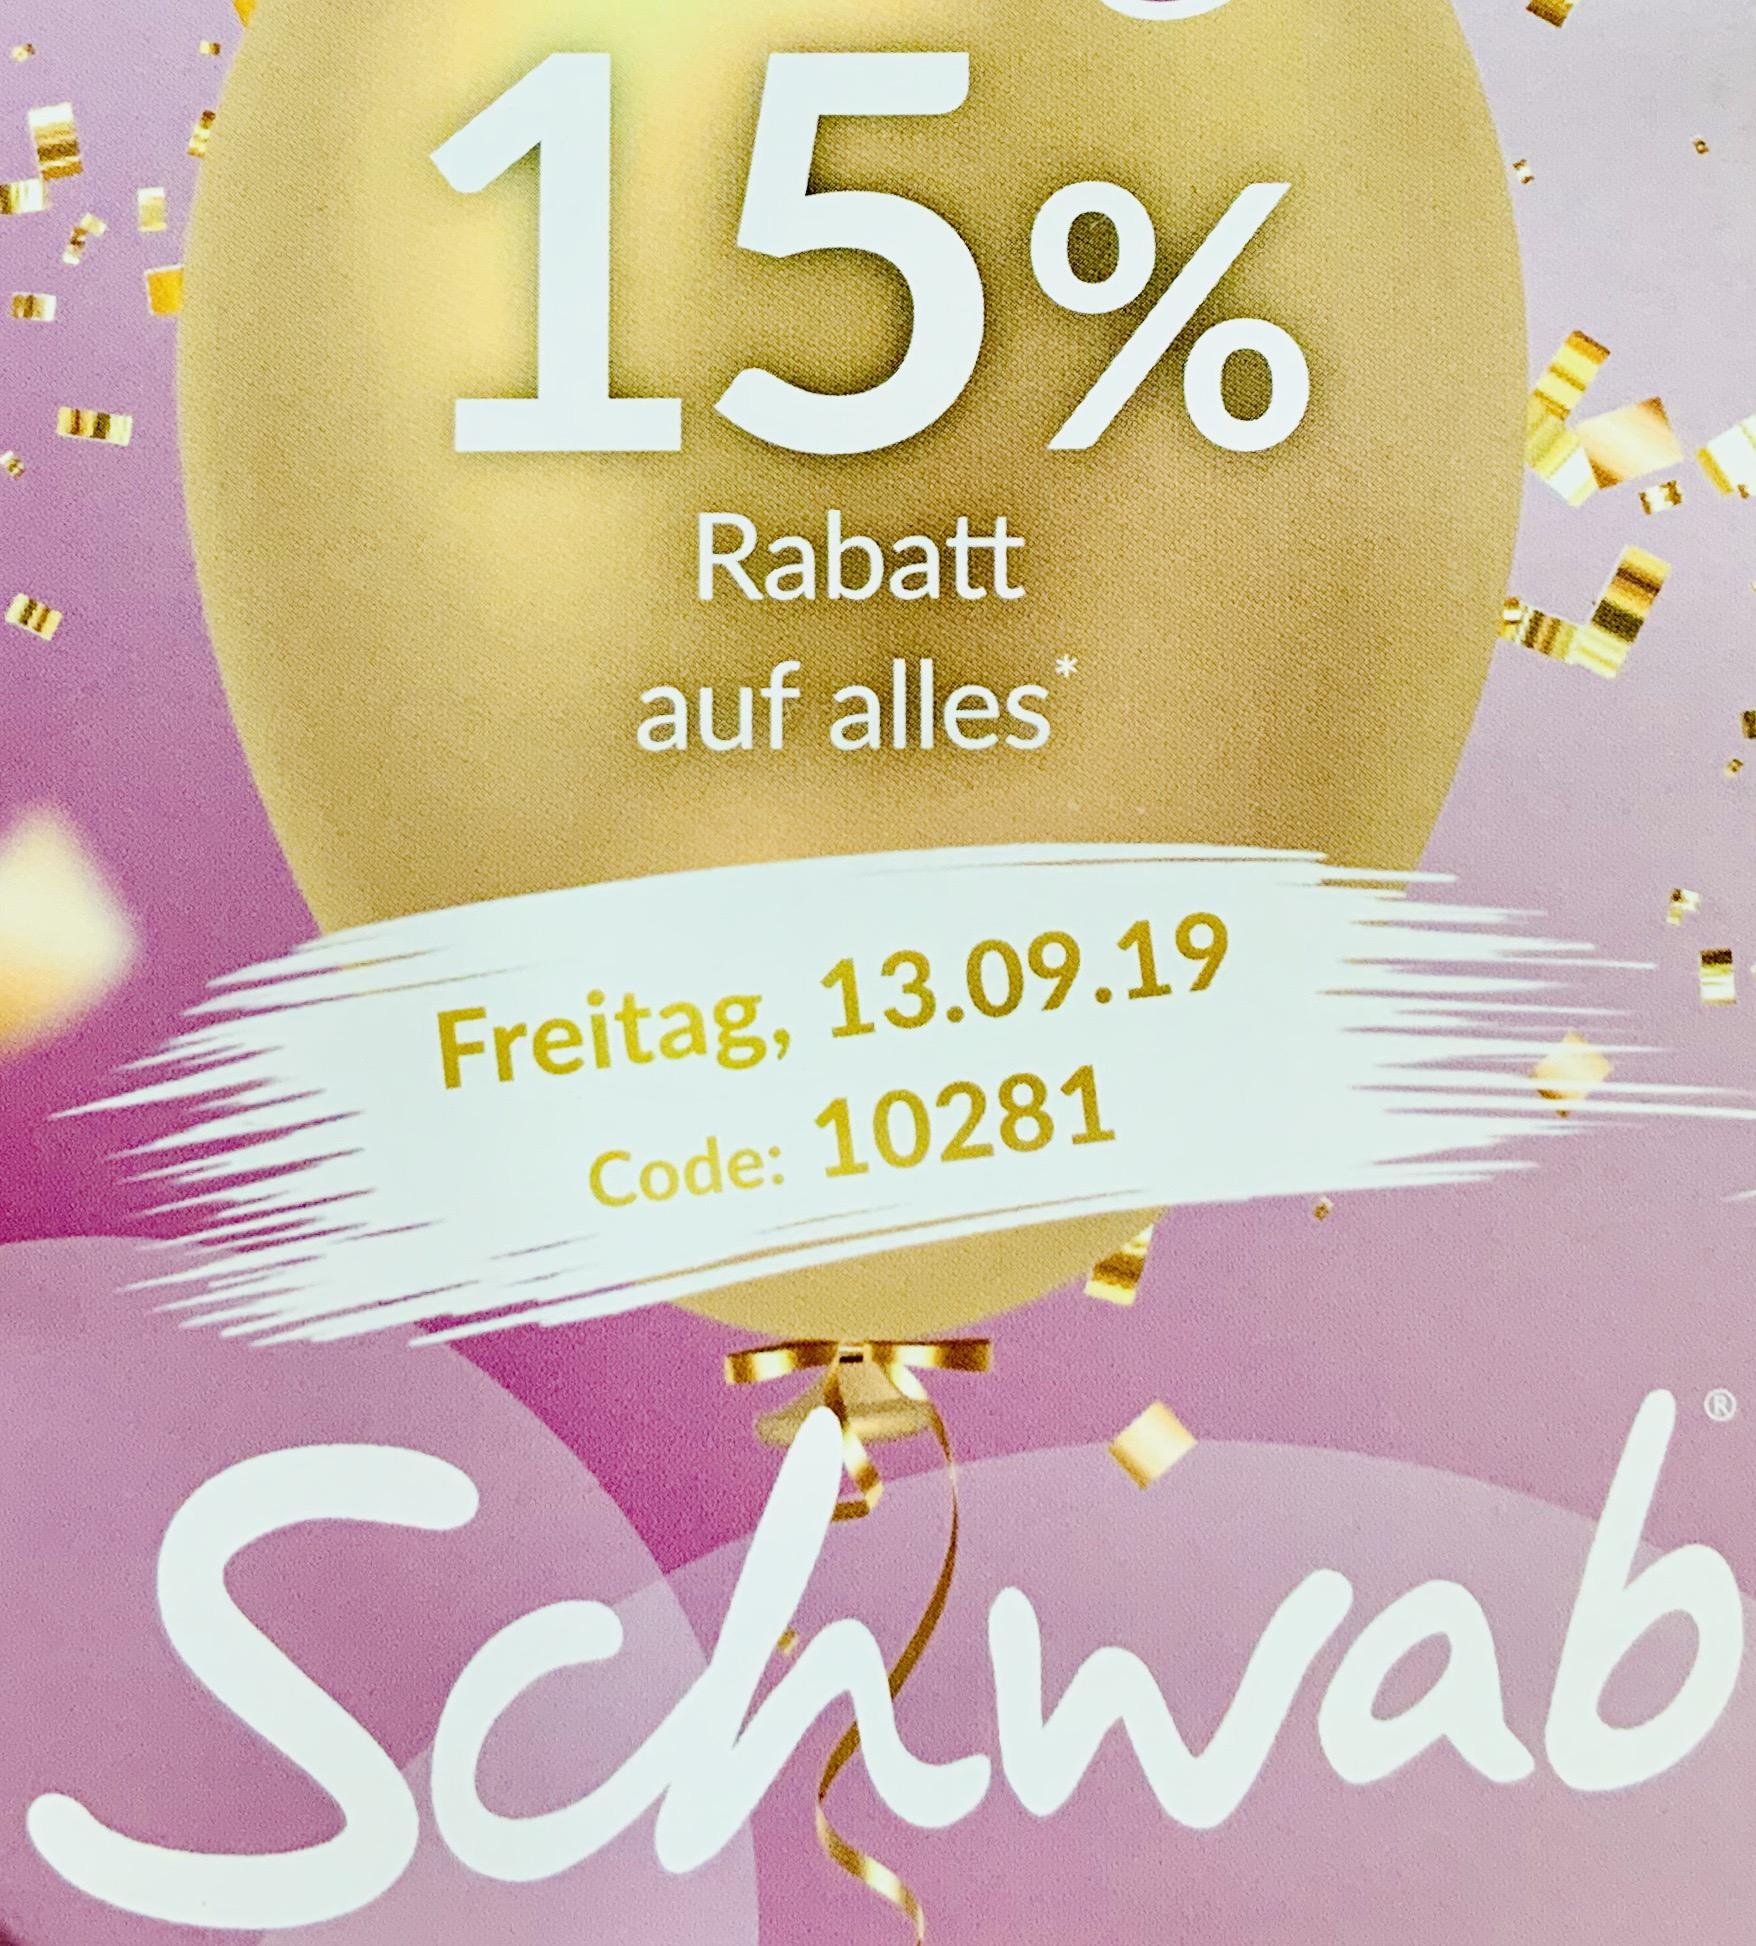 Nur am Freitag den 13. bei Schwab: 15% auf ALLES (leider nicht für alle) z.B. Apple Airpods 2 für 125,11€, iPad Pro 12.9 64GB 885,21€ usw.